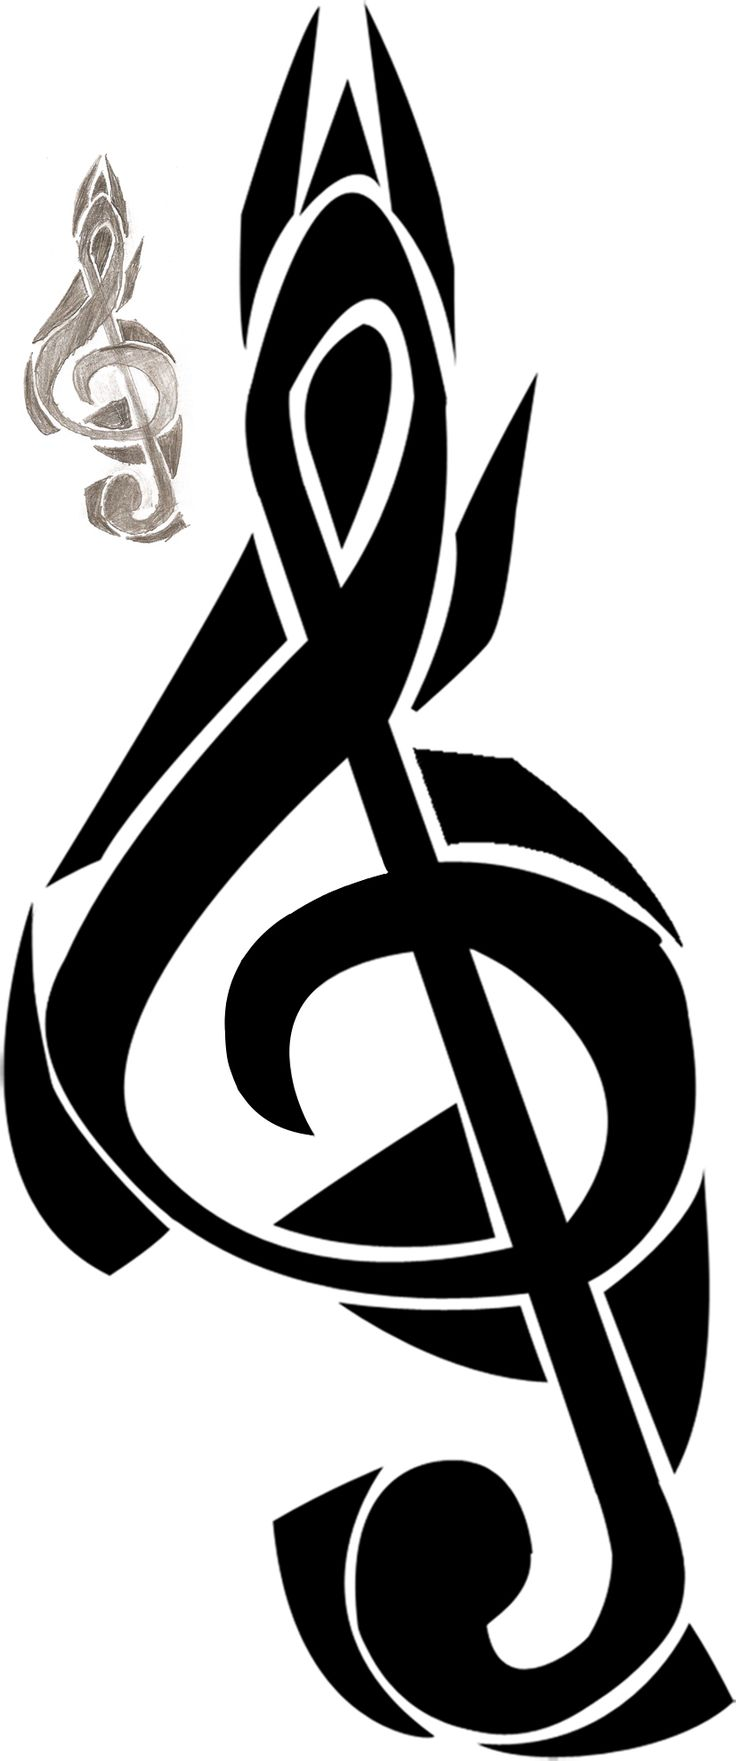 https://s-media-cache-ak0.pinimg.com/736x/c5/d0/08/c5d008015518eb69e742c6fbbd5f3752.jpg Tribal Music Tattoo Designs